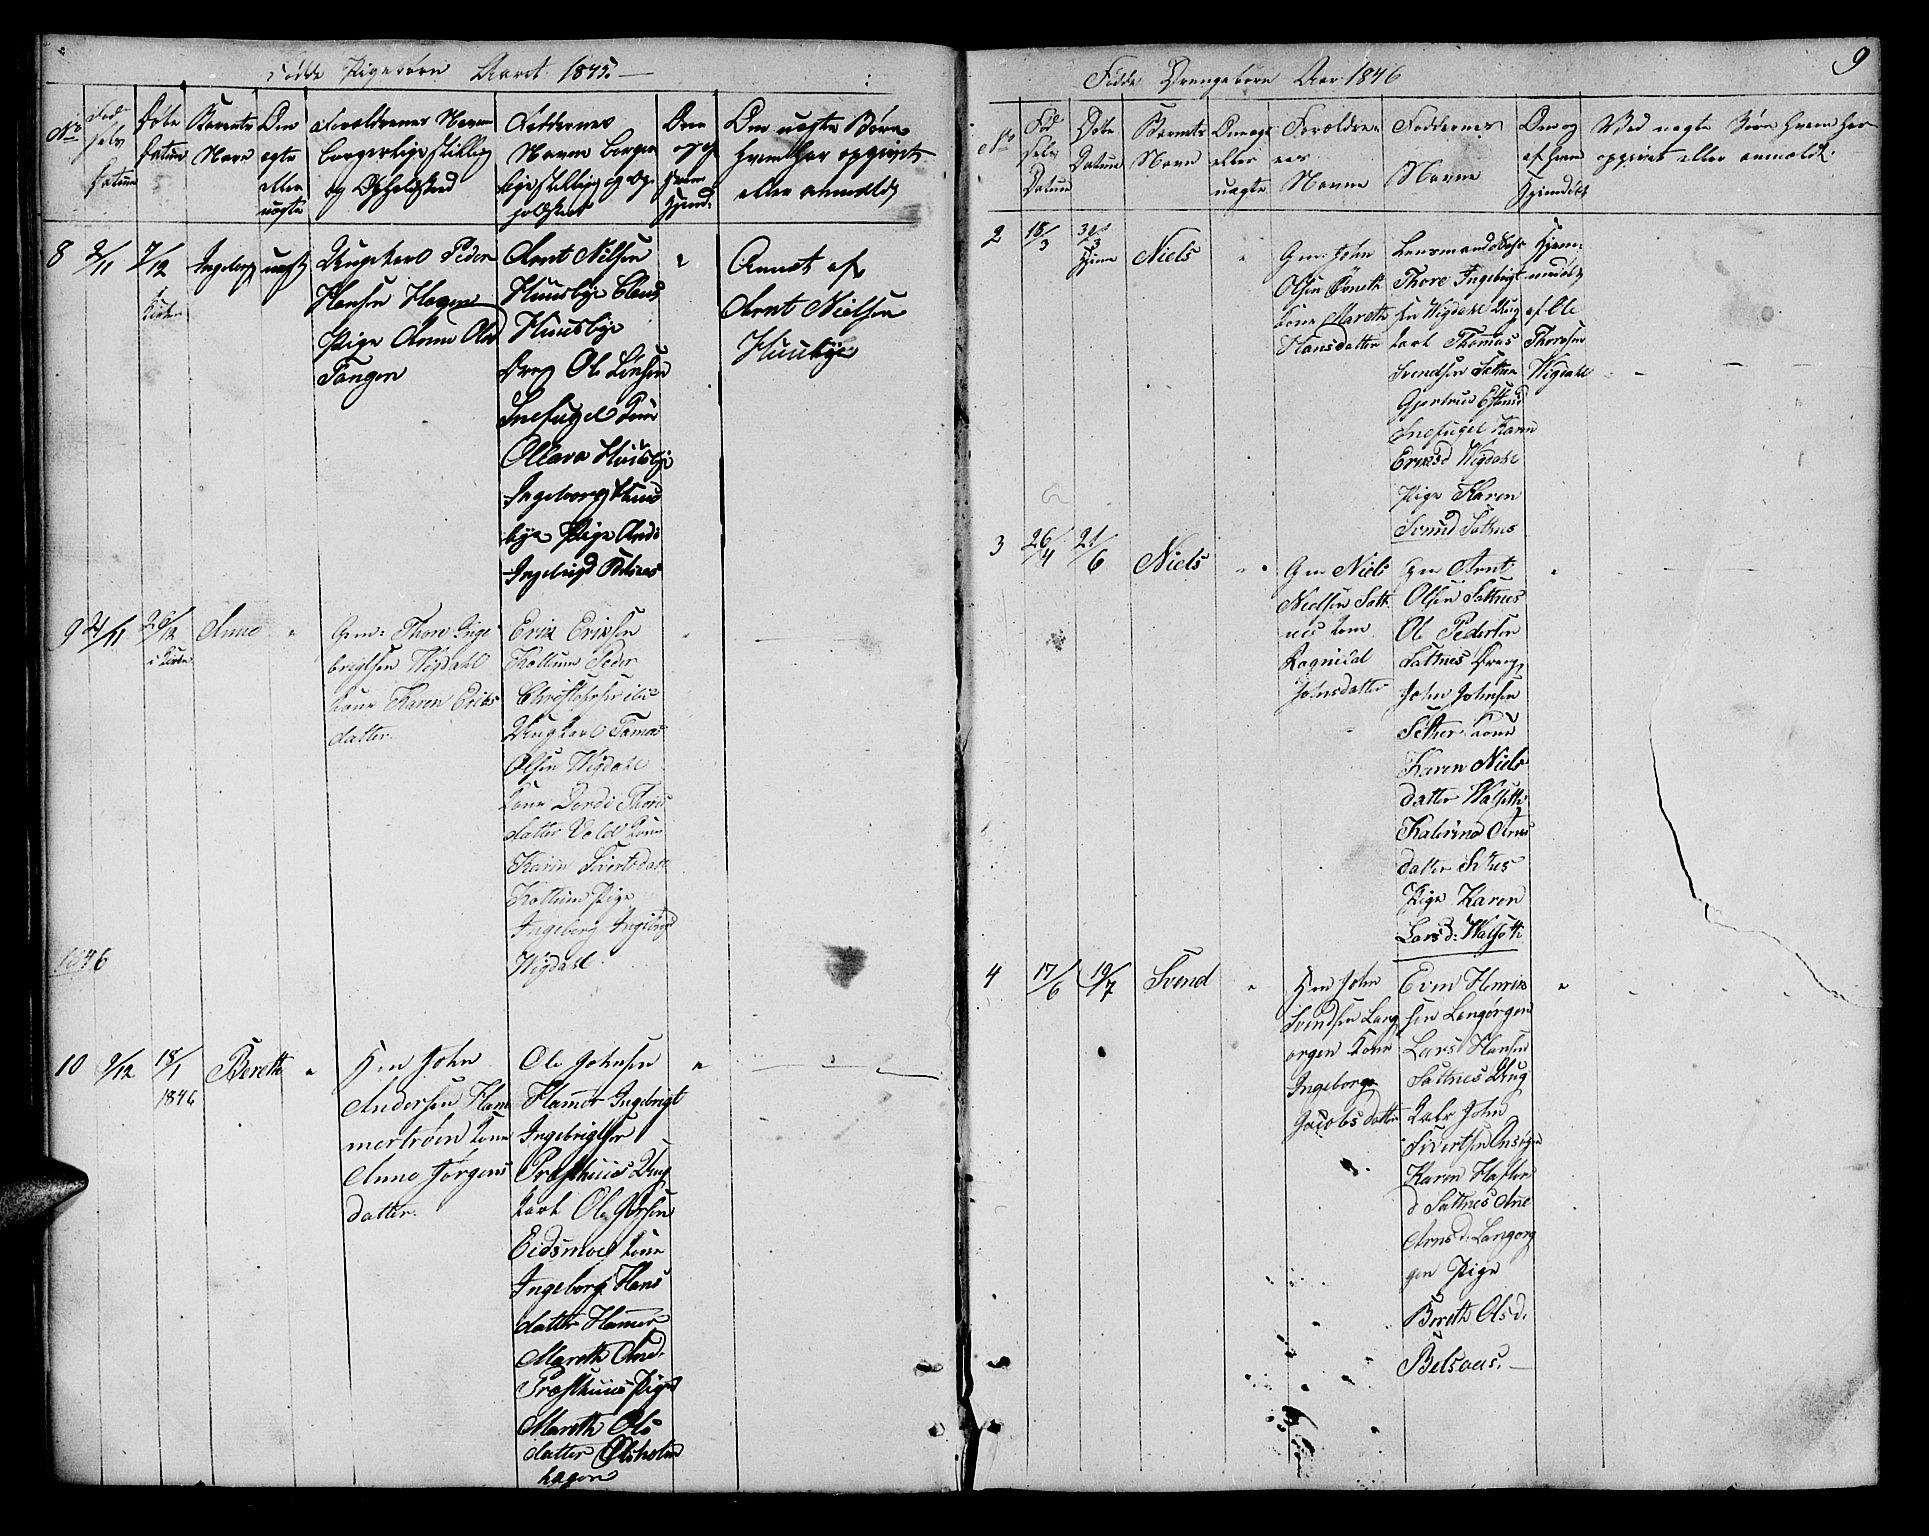 SAT, Ministerialprotokoller, klokkerbøker og fødselsregistre - Sør-Trøndelag, 666/L0789: Klokkerbok nr. 666C02, 1843-1847, s. 9